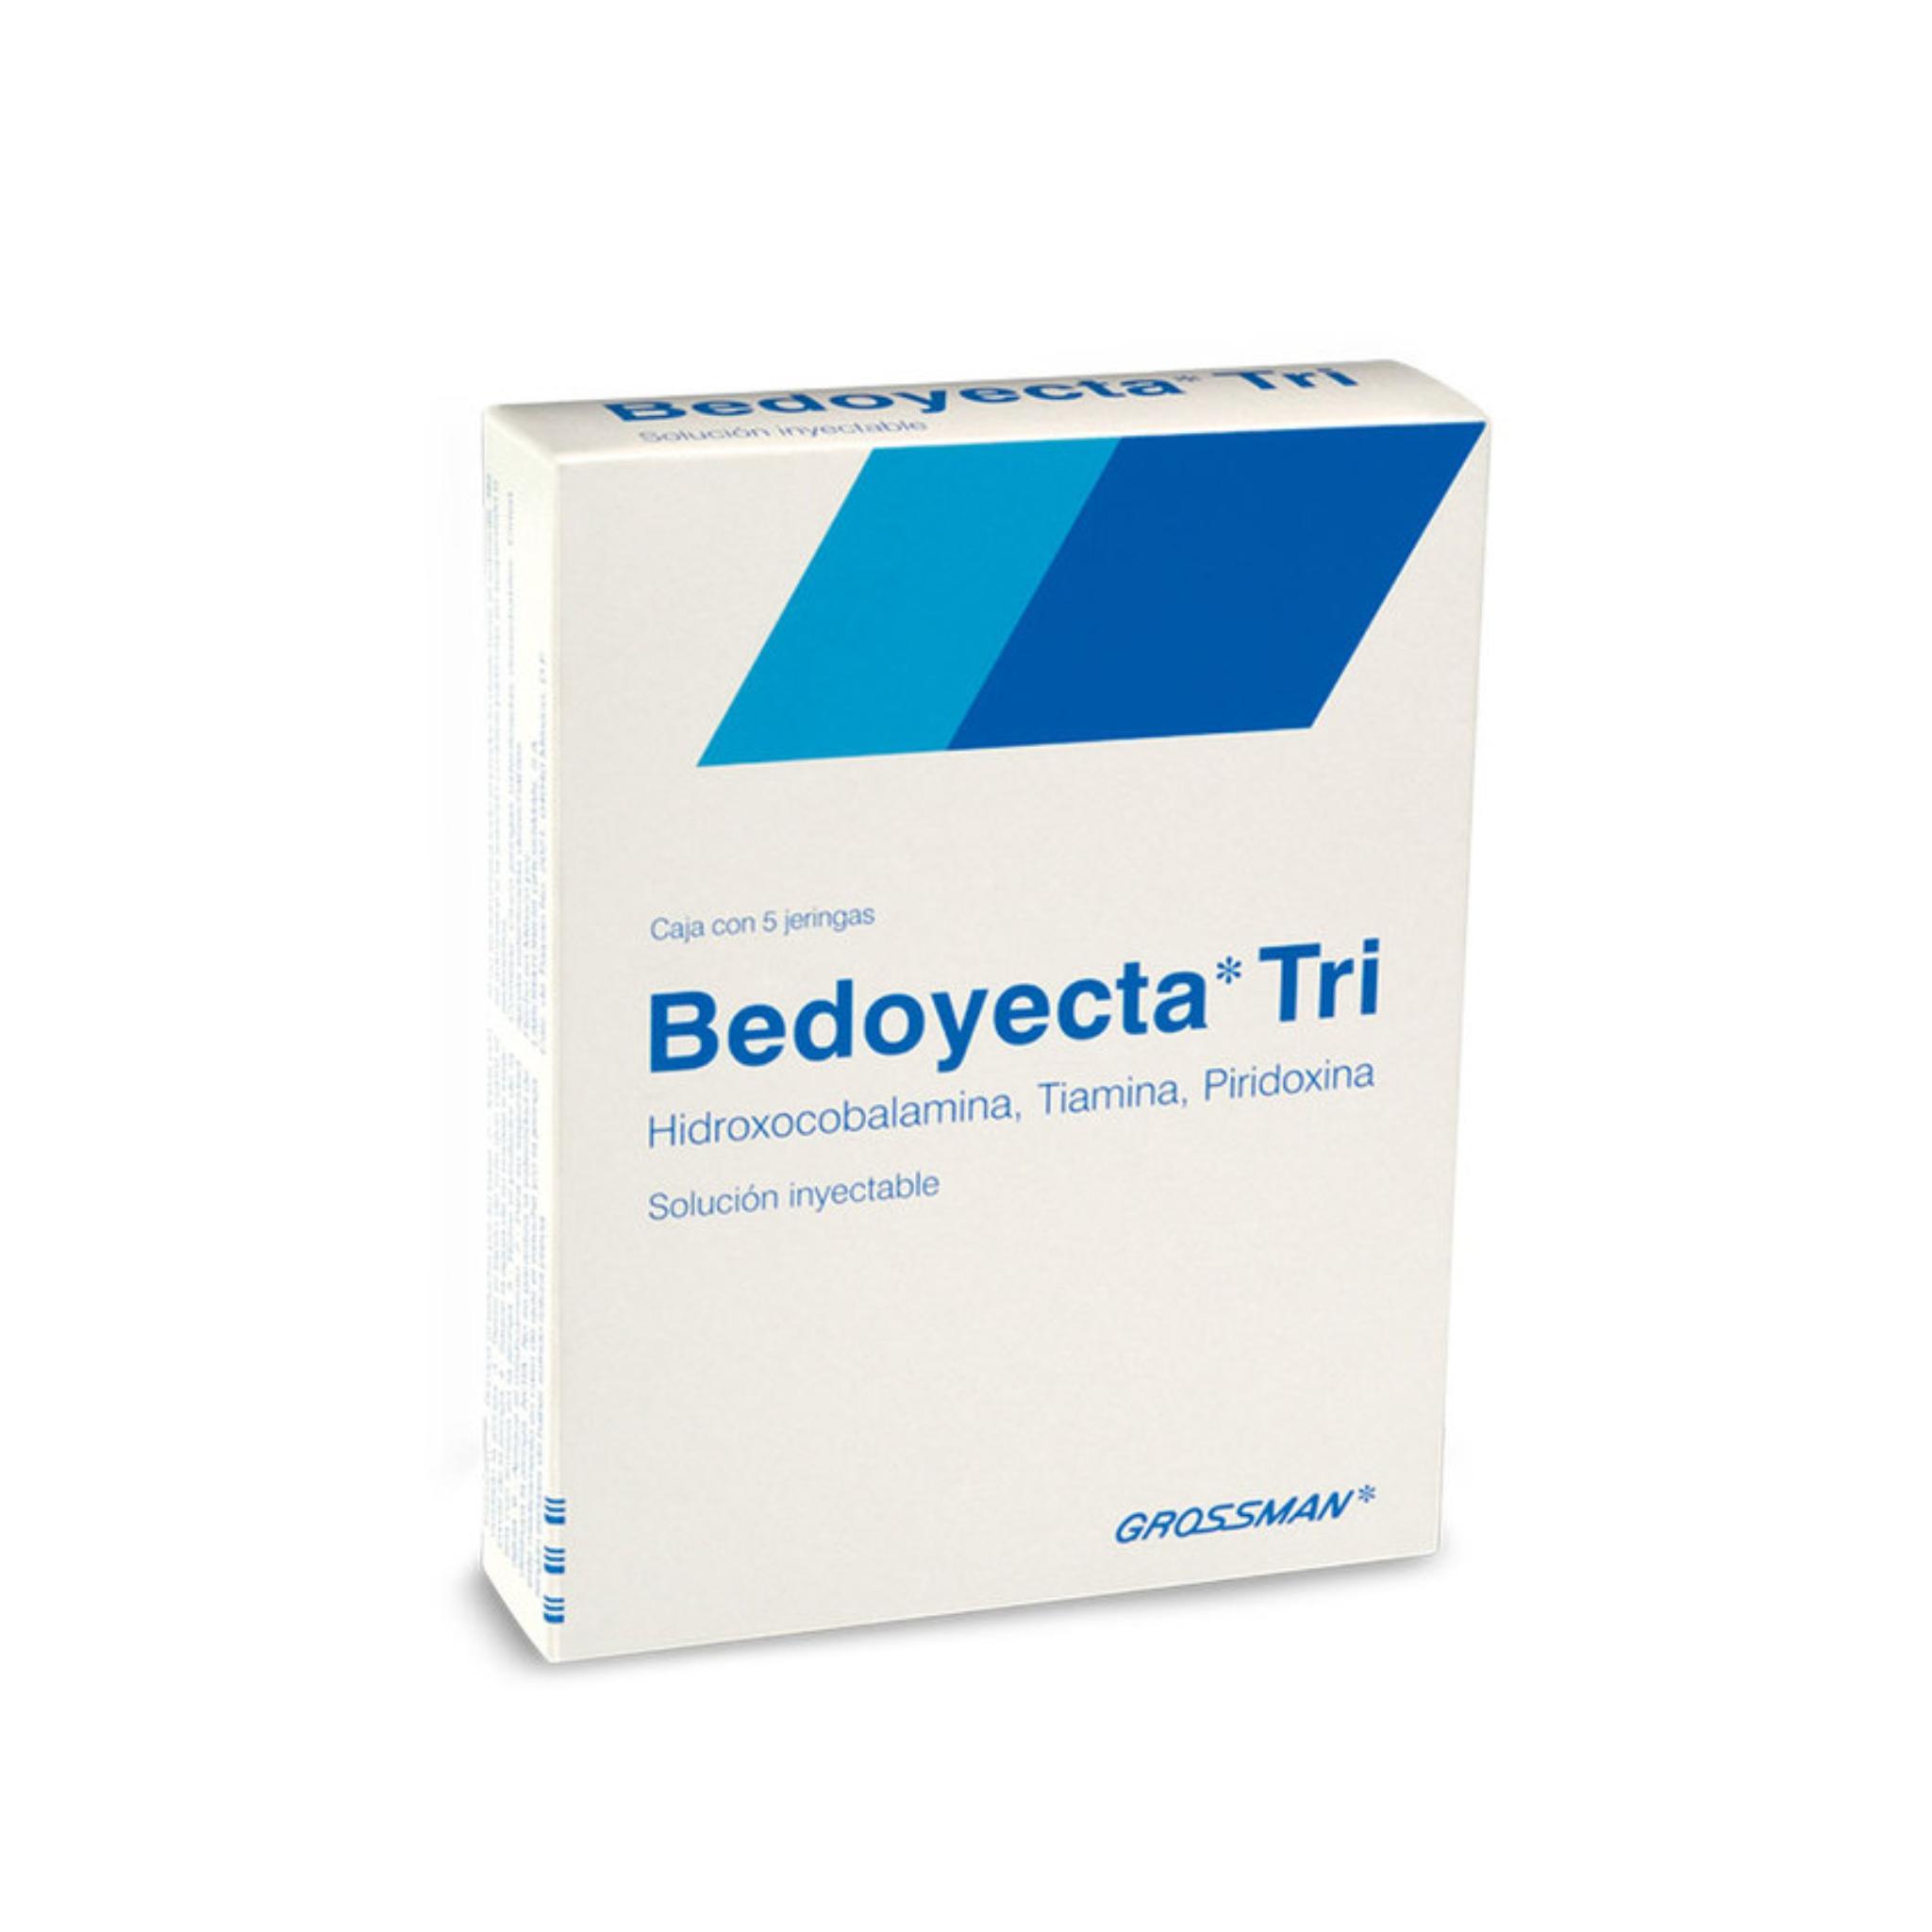 Bedoyecta Tri 2 Ml C/5 Jering